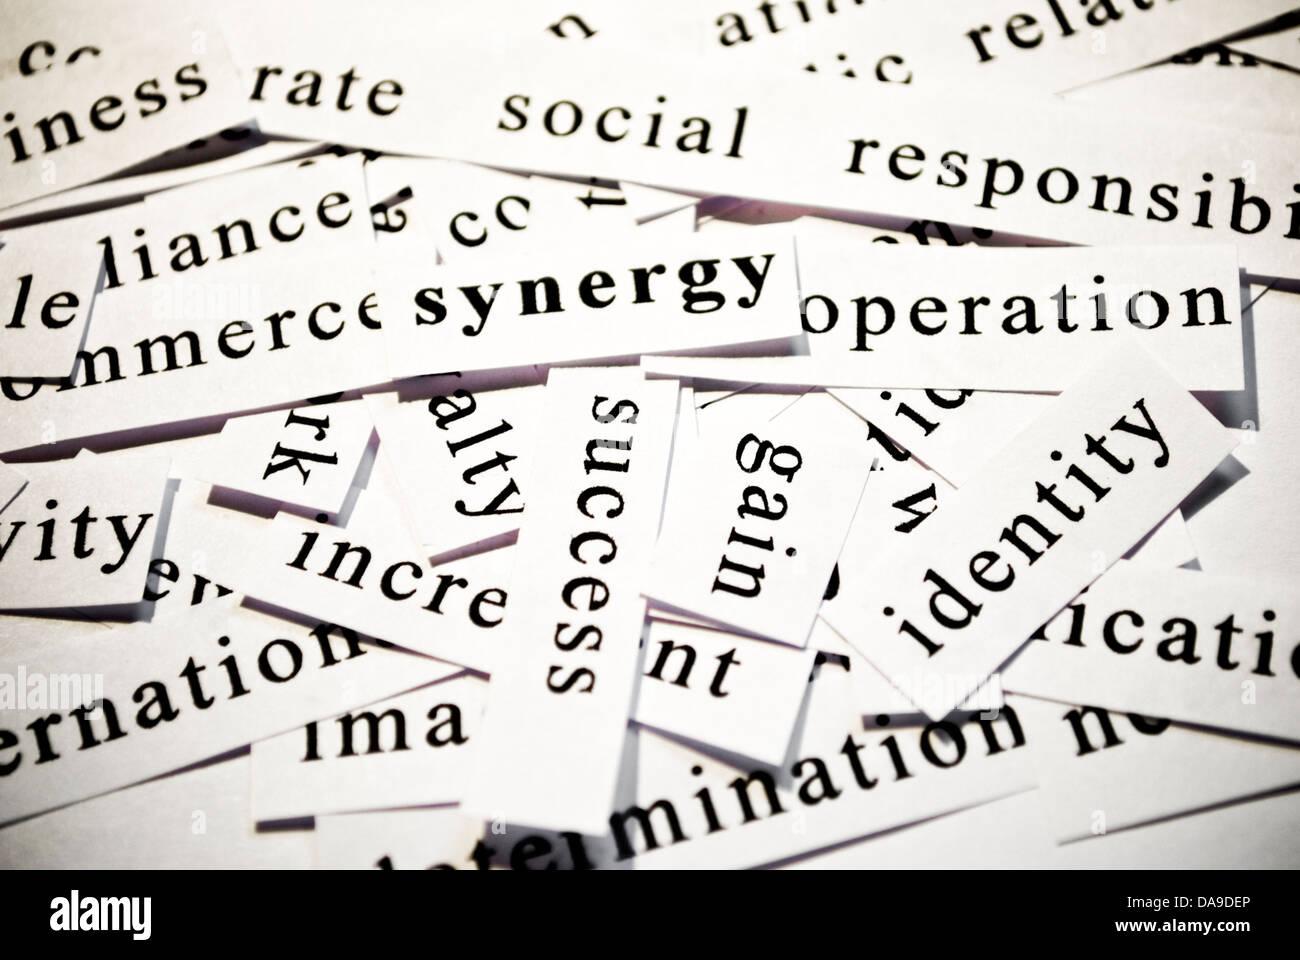 La sinergia. Concepto de escotadura palabras relacionadas con la actividad empresarial. Imagen De Stock